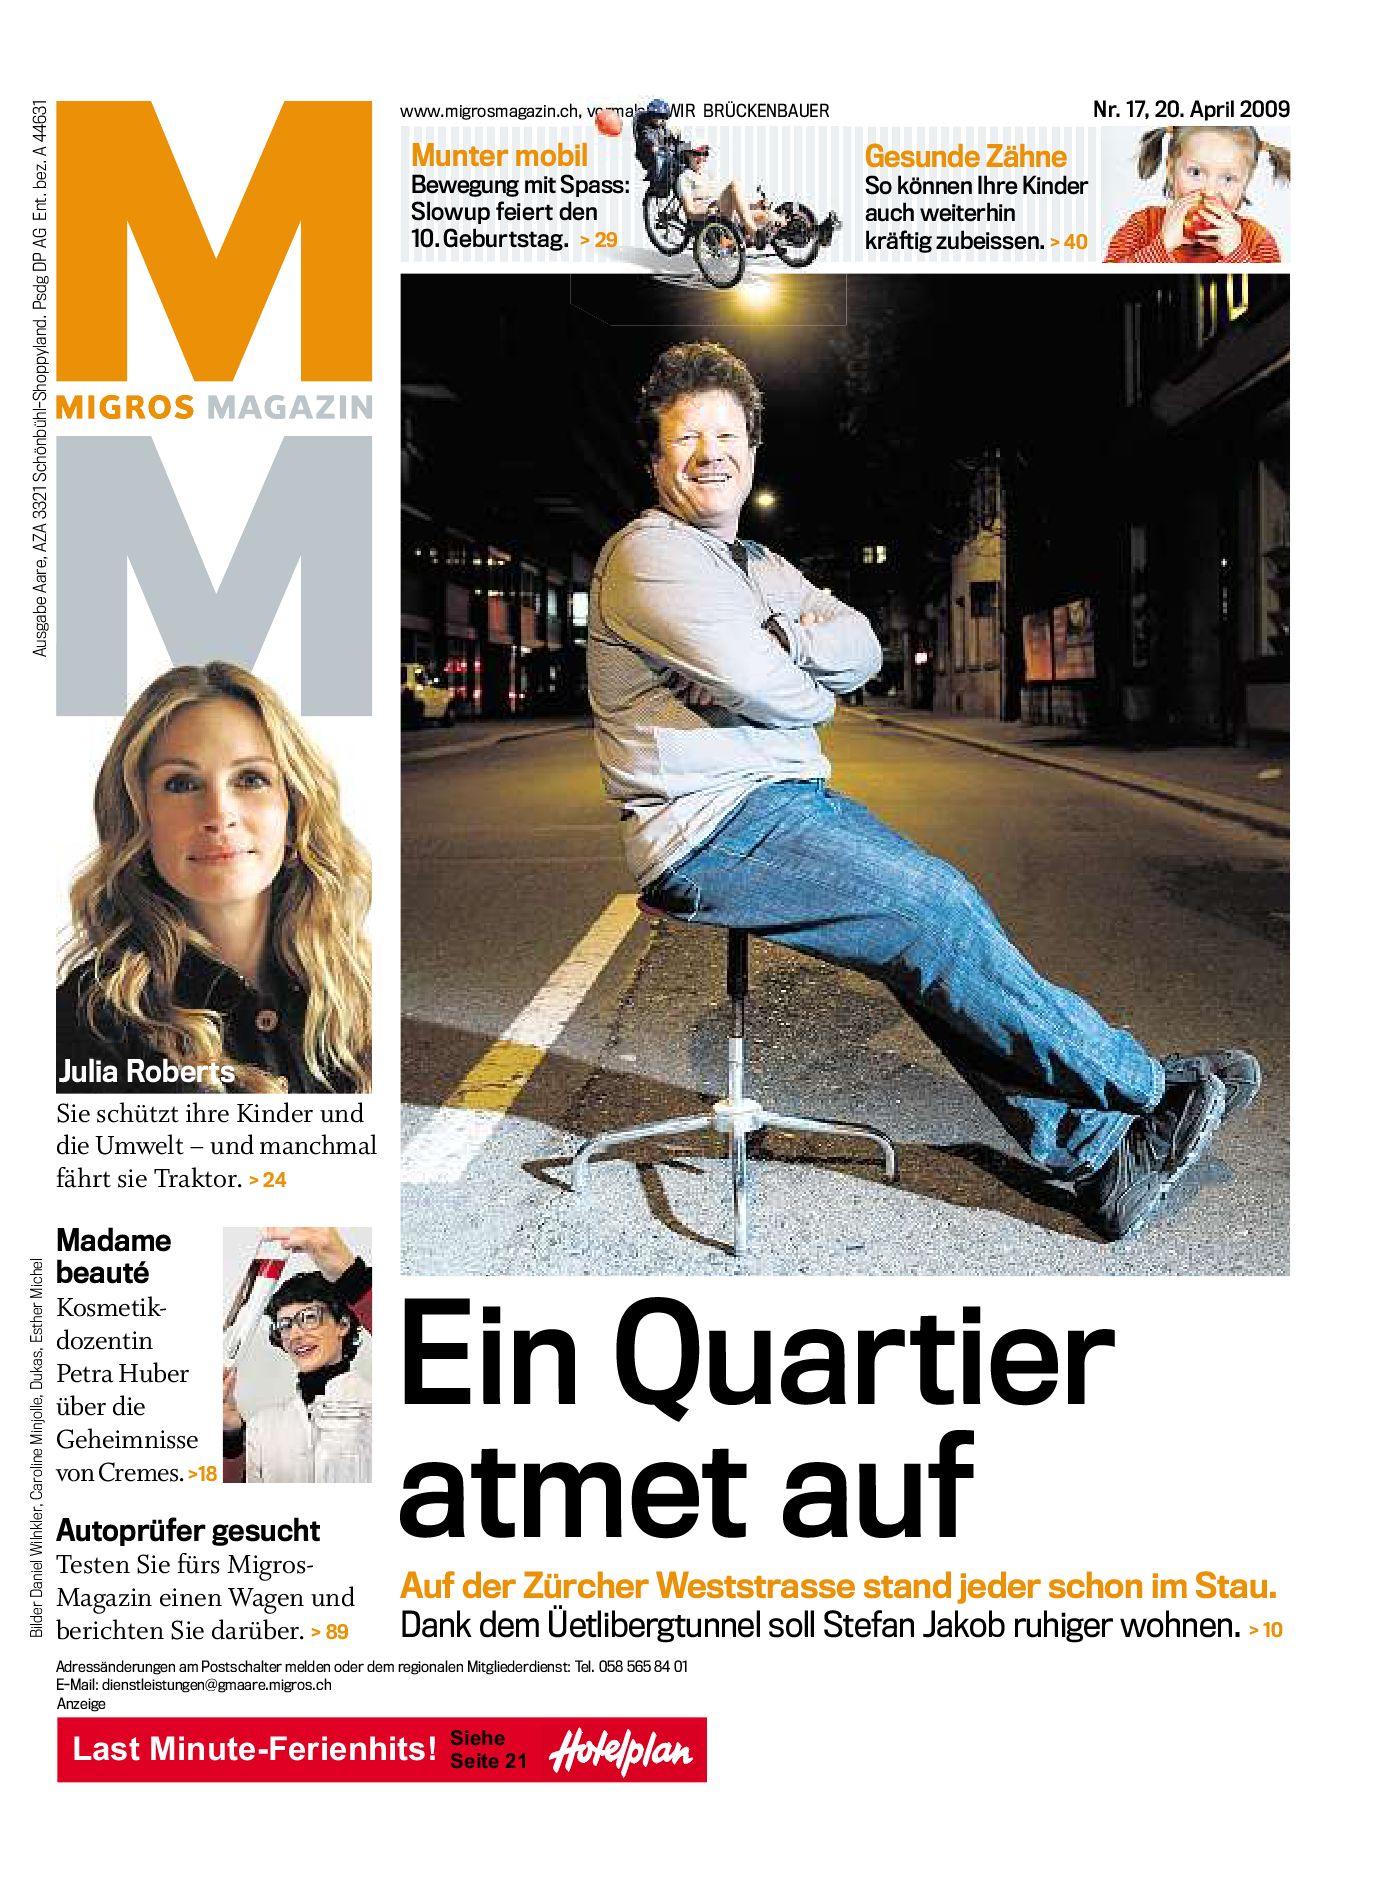 Elegant Migros Magazin 17 2009 D BL By Migros Genossenschafts Bund   Issuu